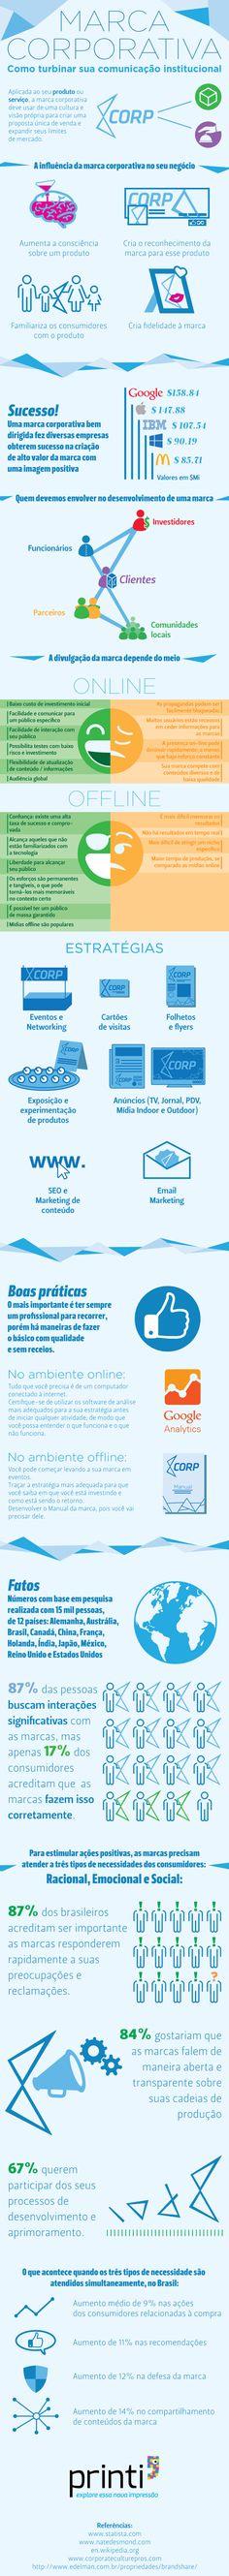 Infográfico - Marca Corporativa: como turbinar sua comunicação institucional